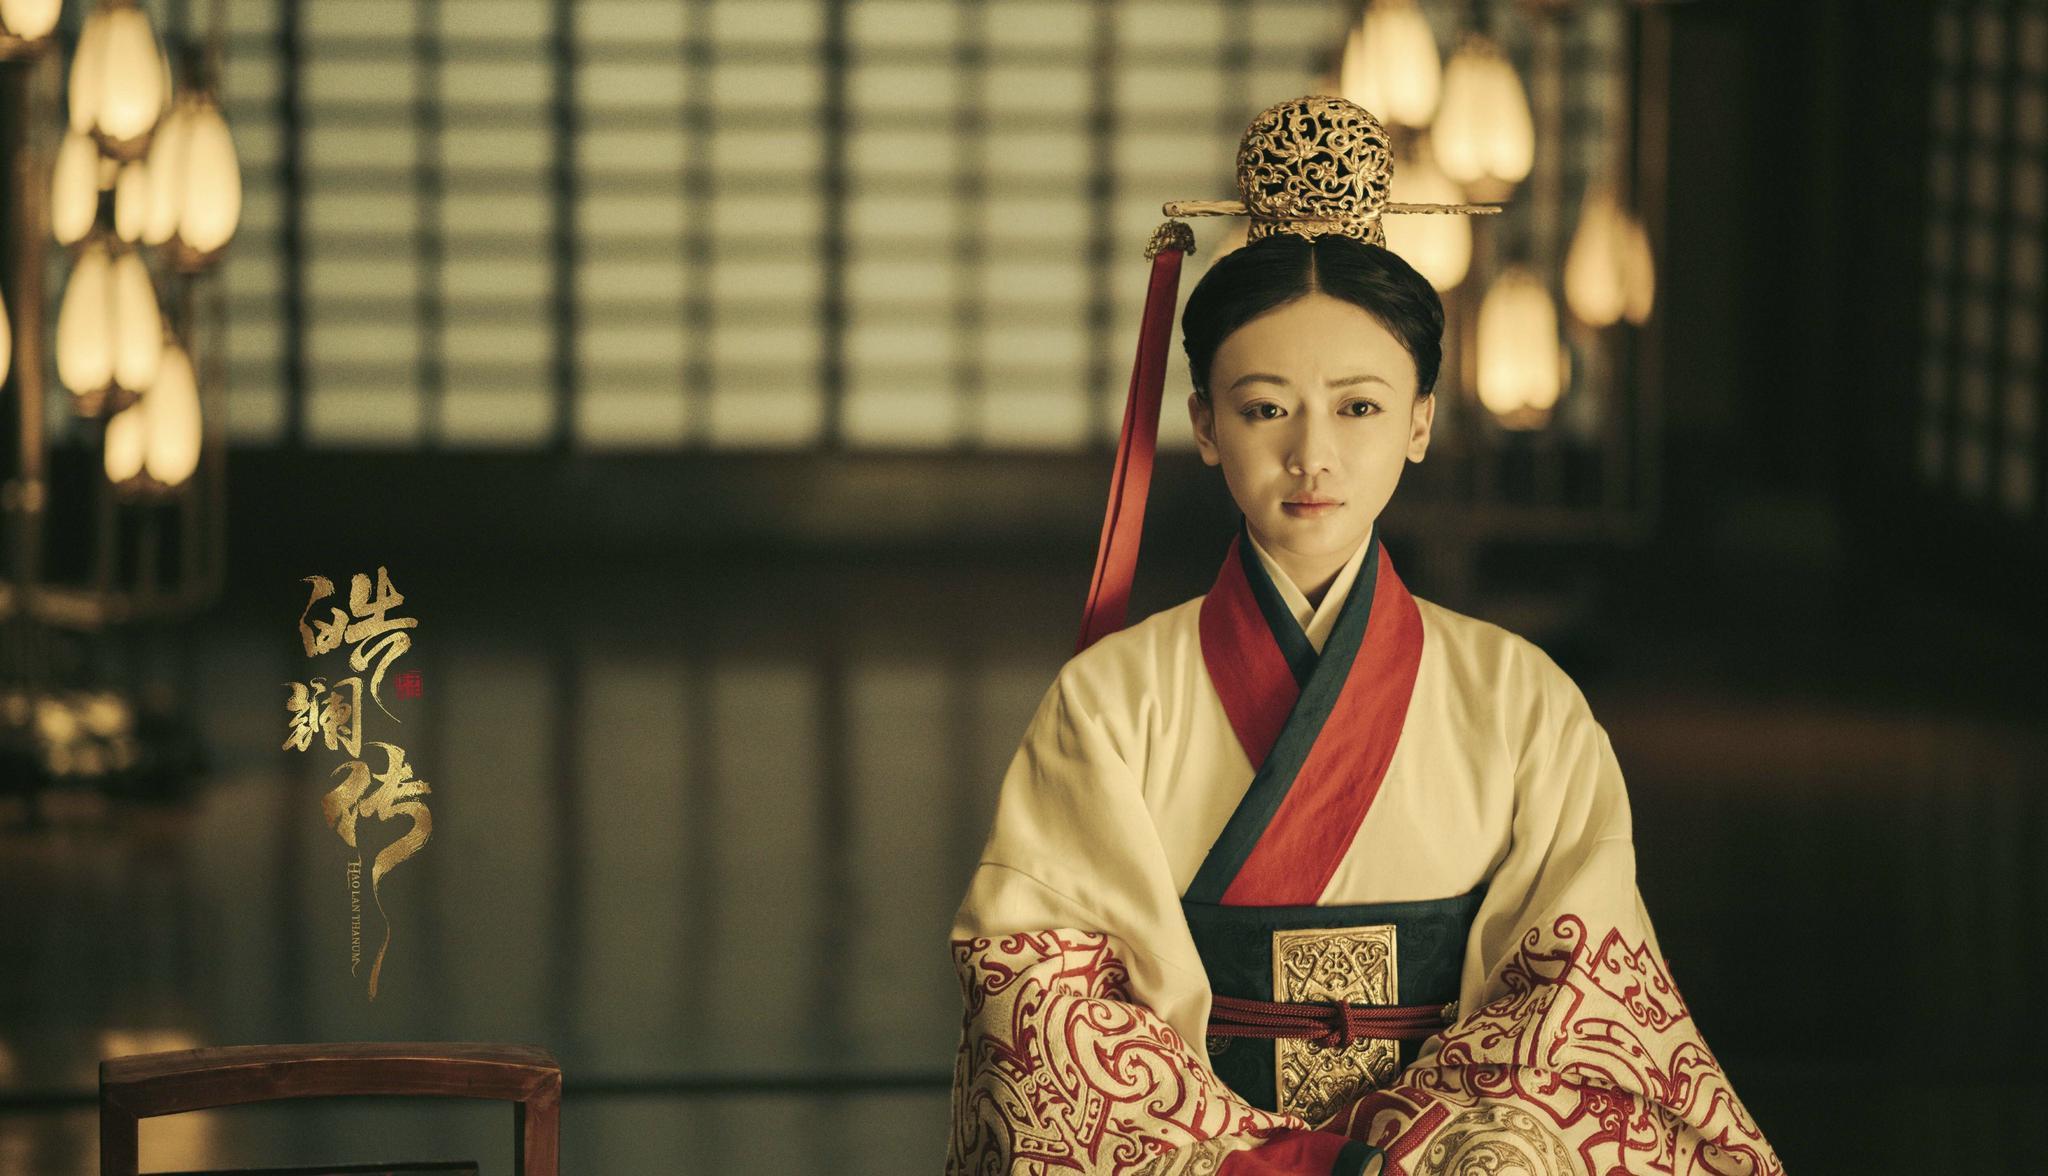 聶遠《皓鑭傳》:歷史上的呂不韋,從巨商到秦國丞相,結局如何?_異人